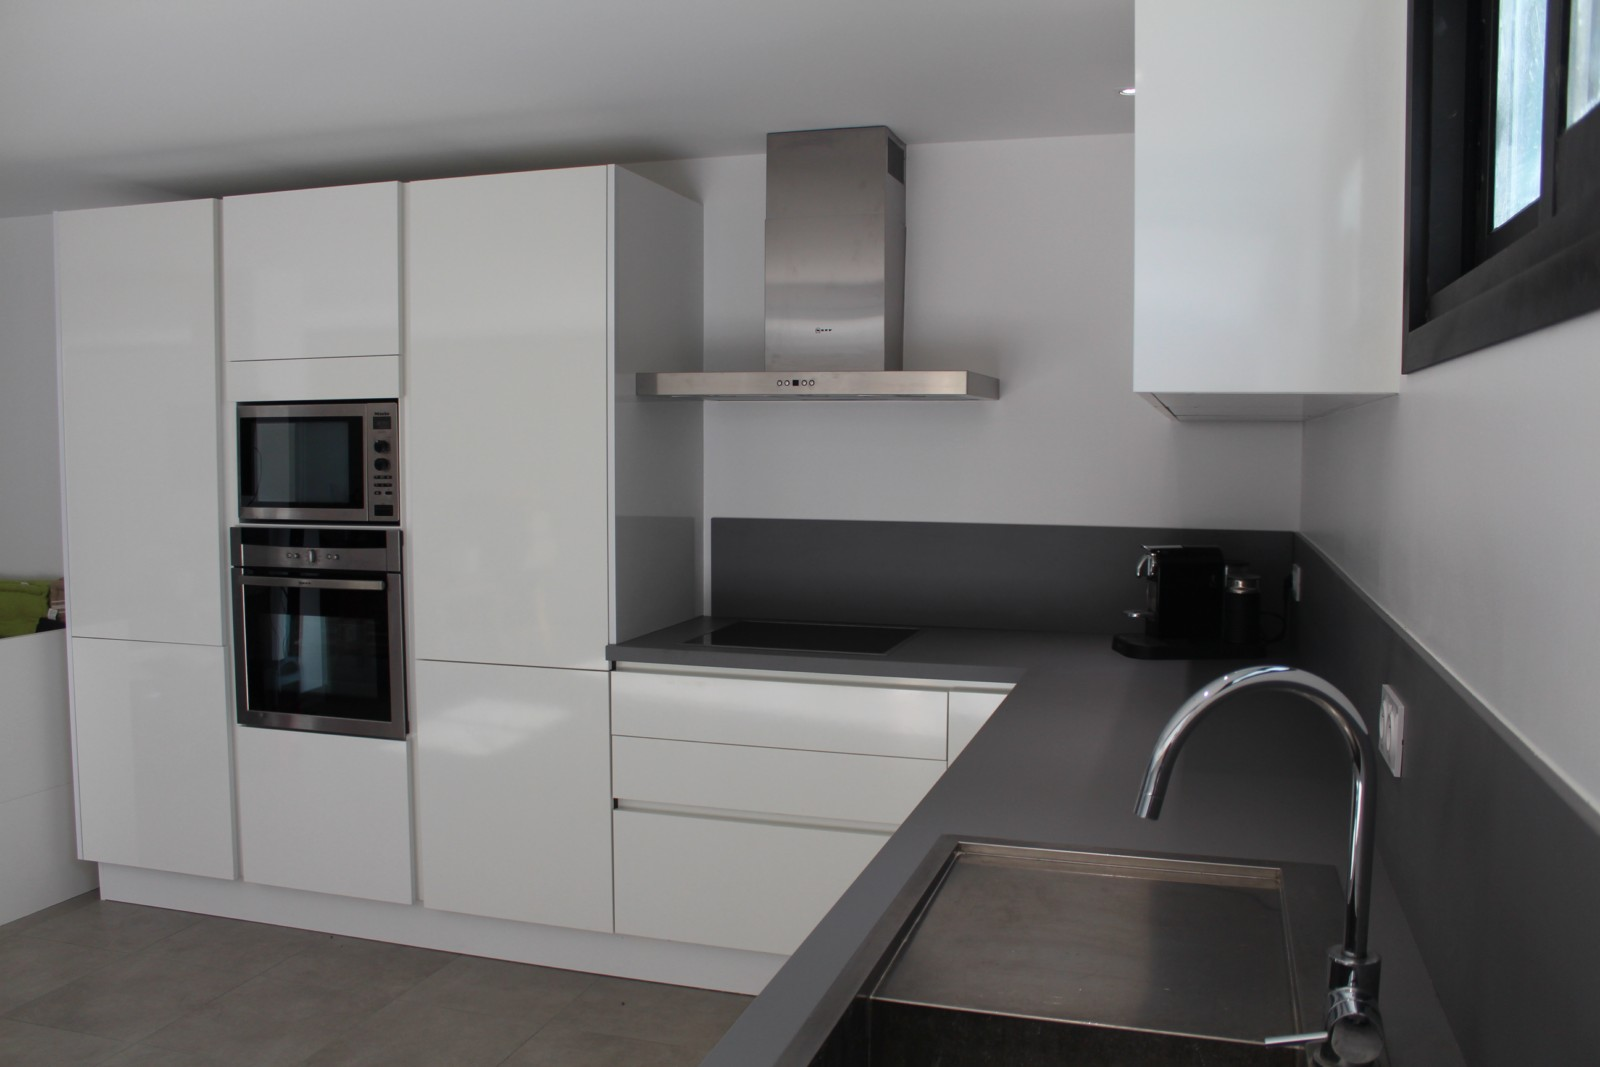 Peinture blanc brillante pour cuisine id es de travaux - Peinture laque pour cuisine ...